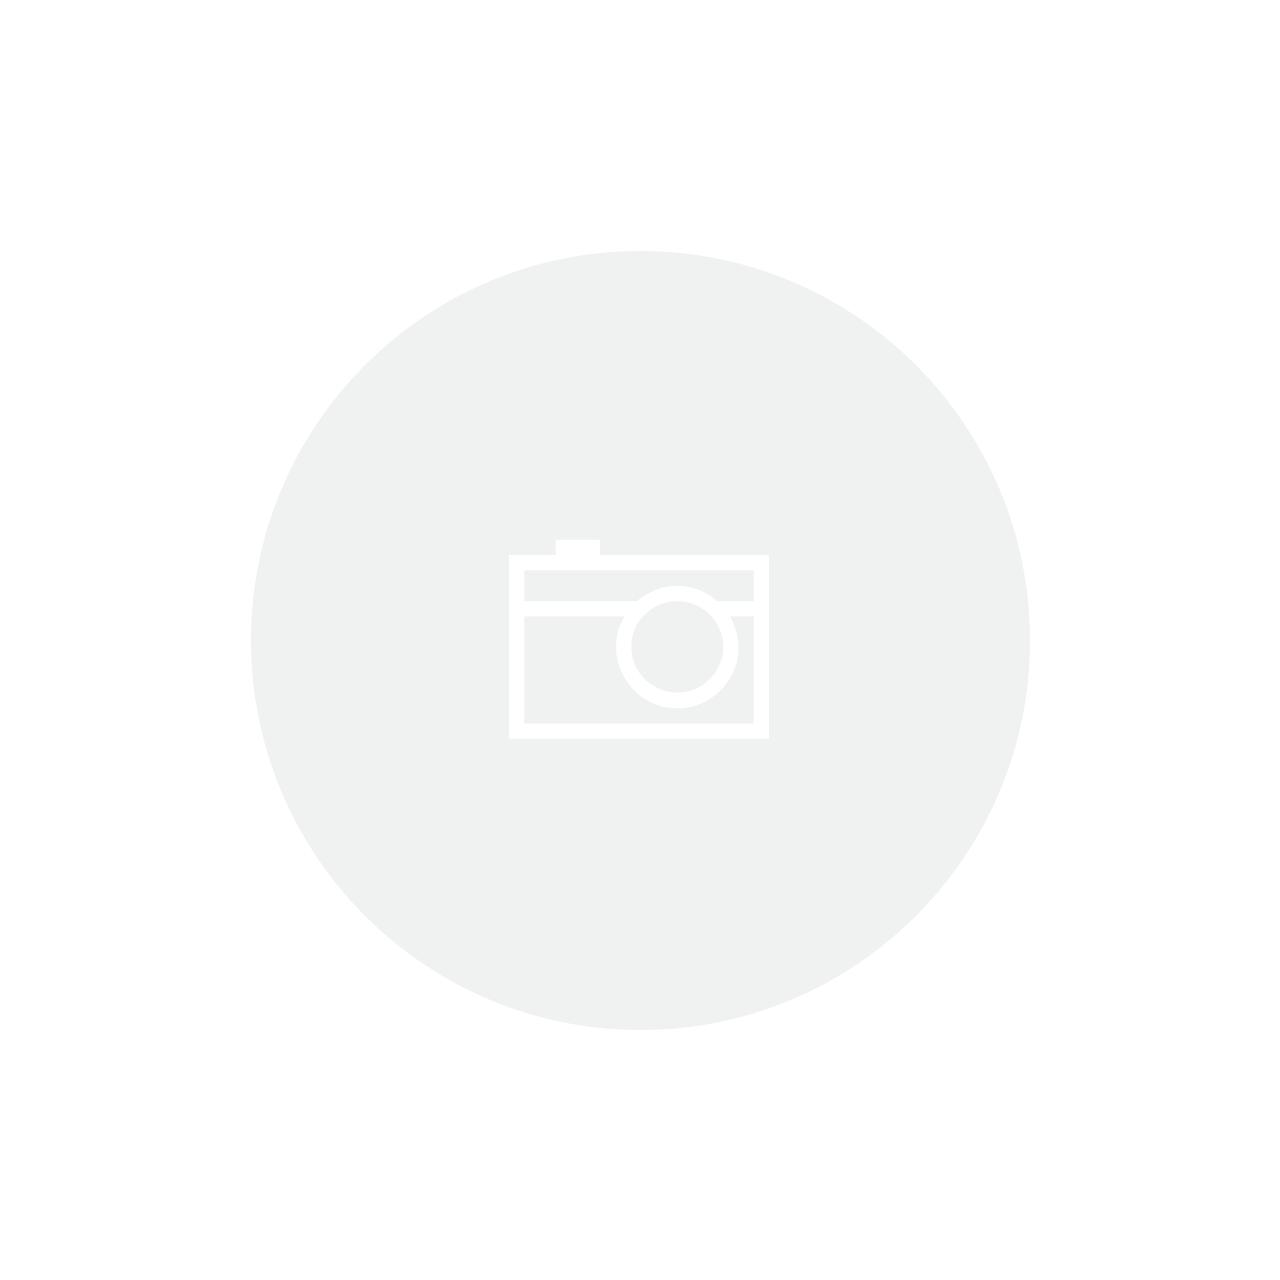 Decanter de Vidro 1500ml Sodo- Calcio